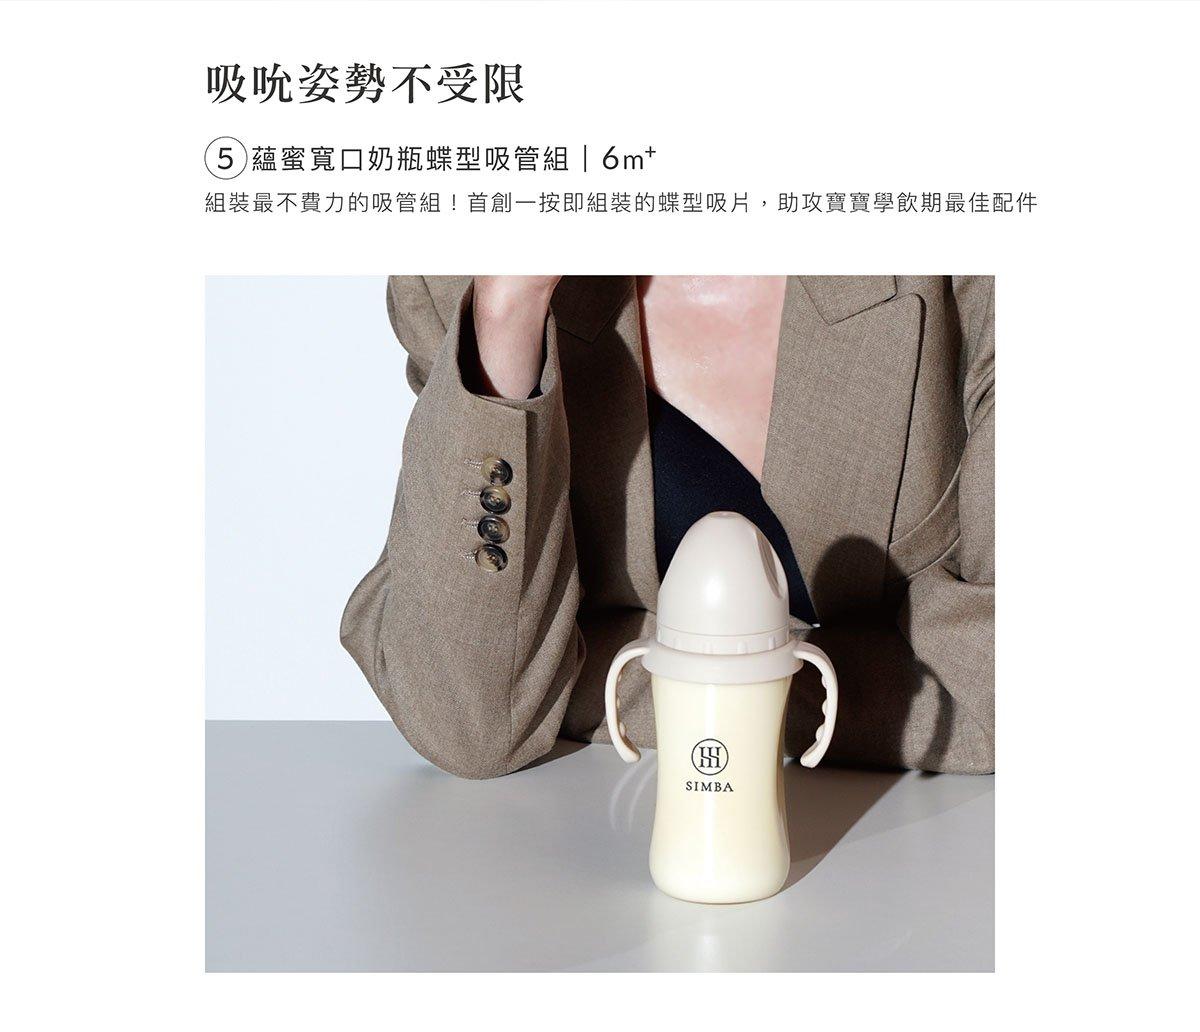 蘊蜜鉑金PPSU防脹氣奶瓶獨家首創一瓶八用創新紀錄!換蓋即一瓶多用,市售配件最齊全,可依階段餵養,儲乳、餵乳、學飲。